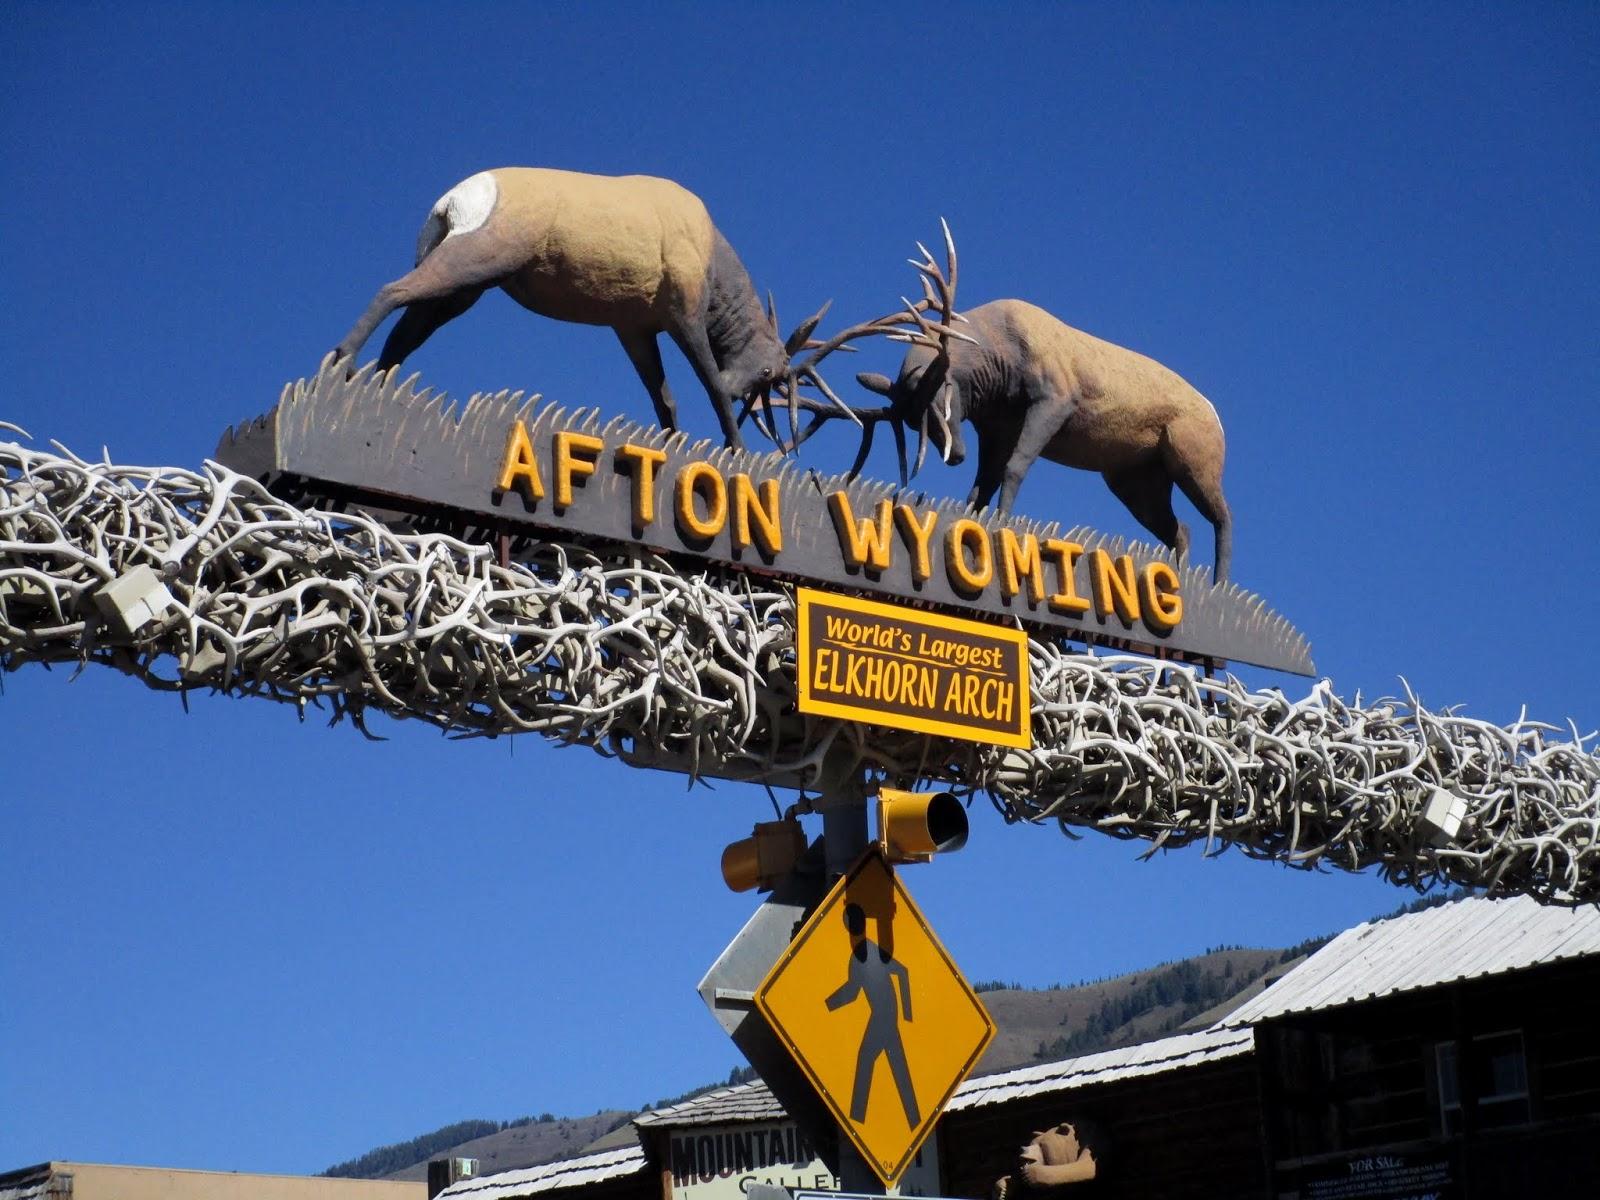 Самая большая в мире арка из оленьих рогов. Афтон. Вайоминг (Word's Largest Elkhorn Arch, Afton, WY)